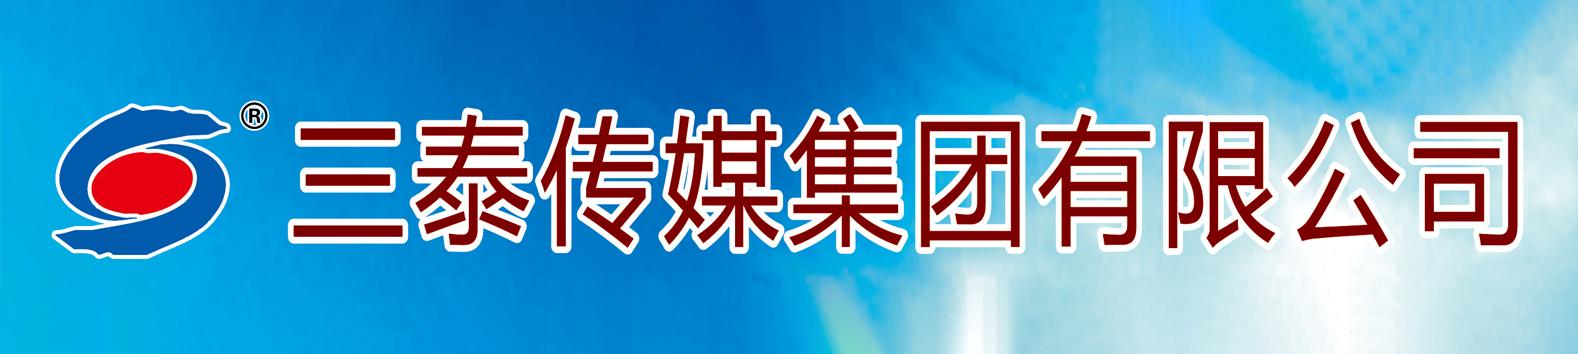 重慶三泰傳媒集團有限公司(斯米克磁磚萬州旗艦店)